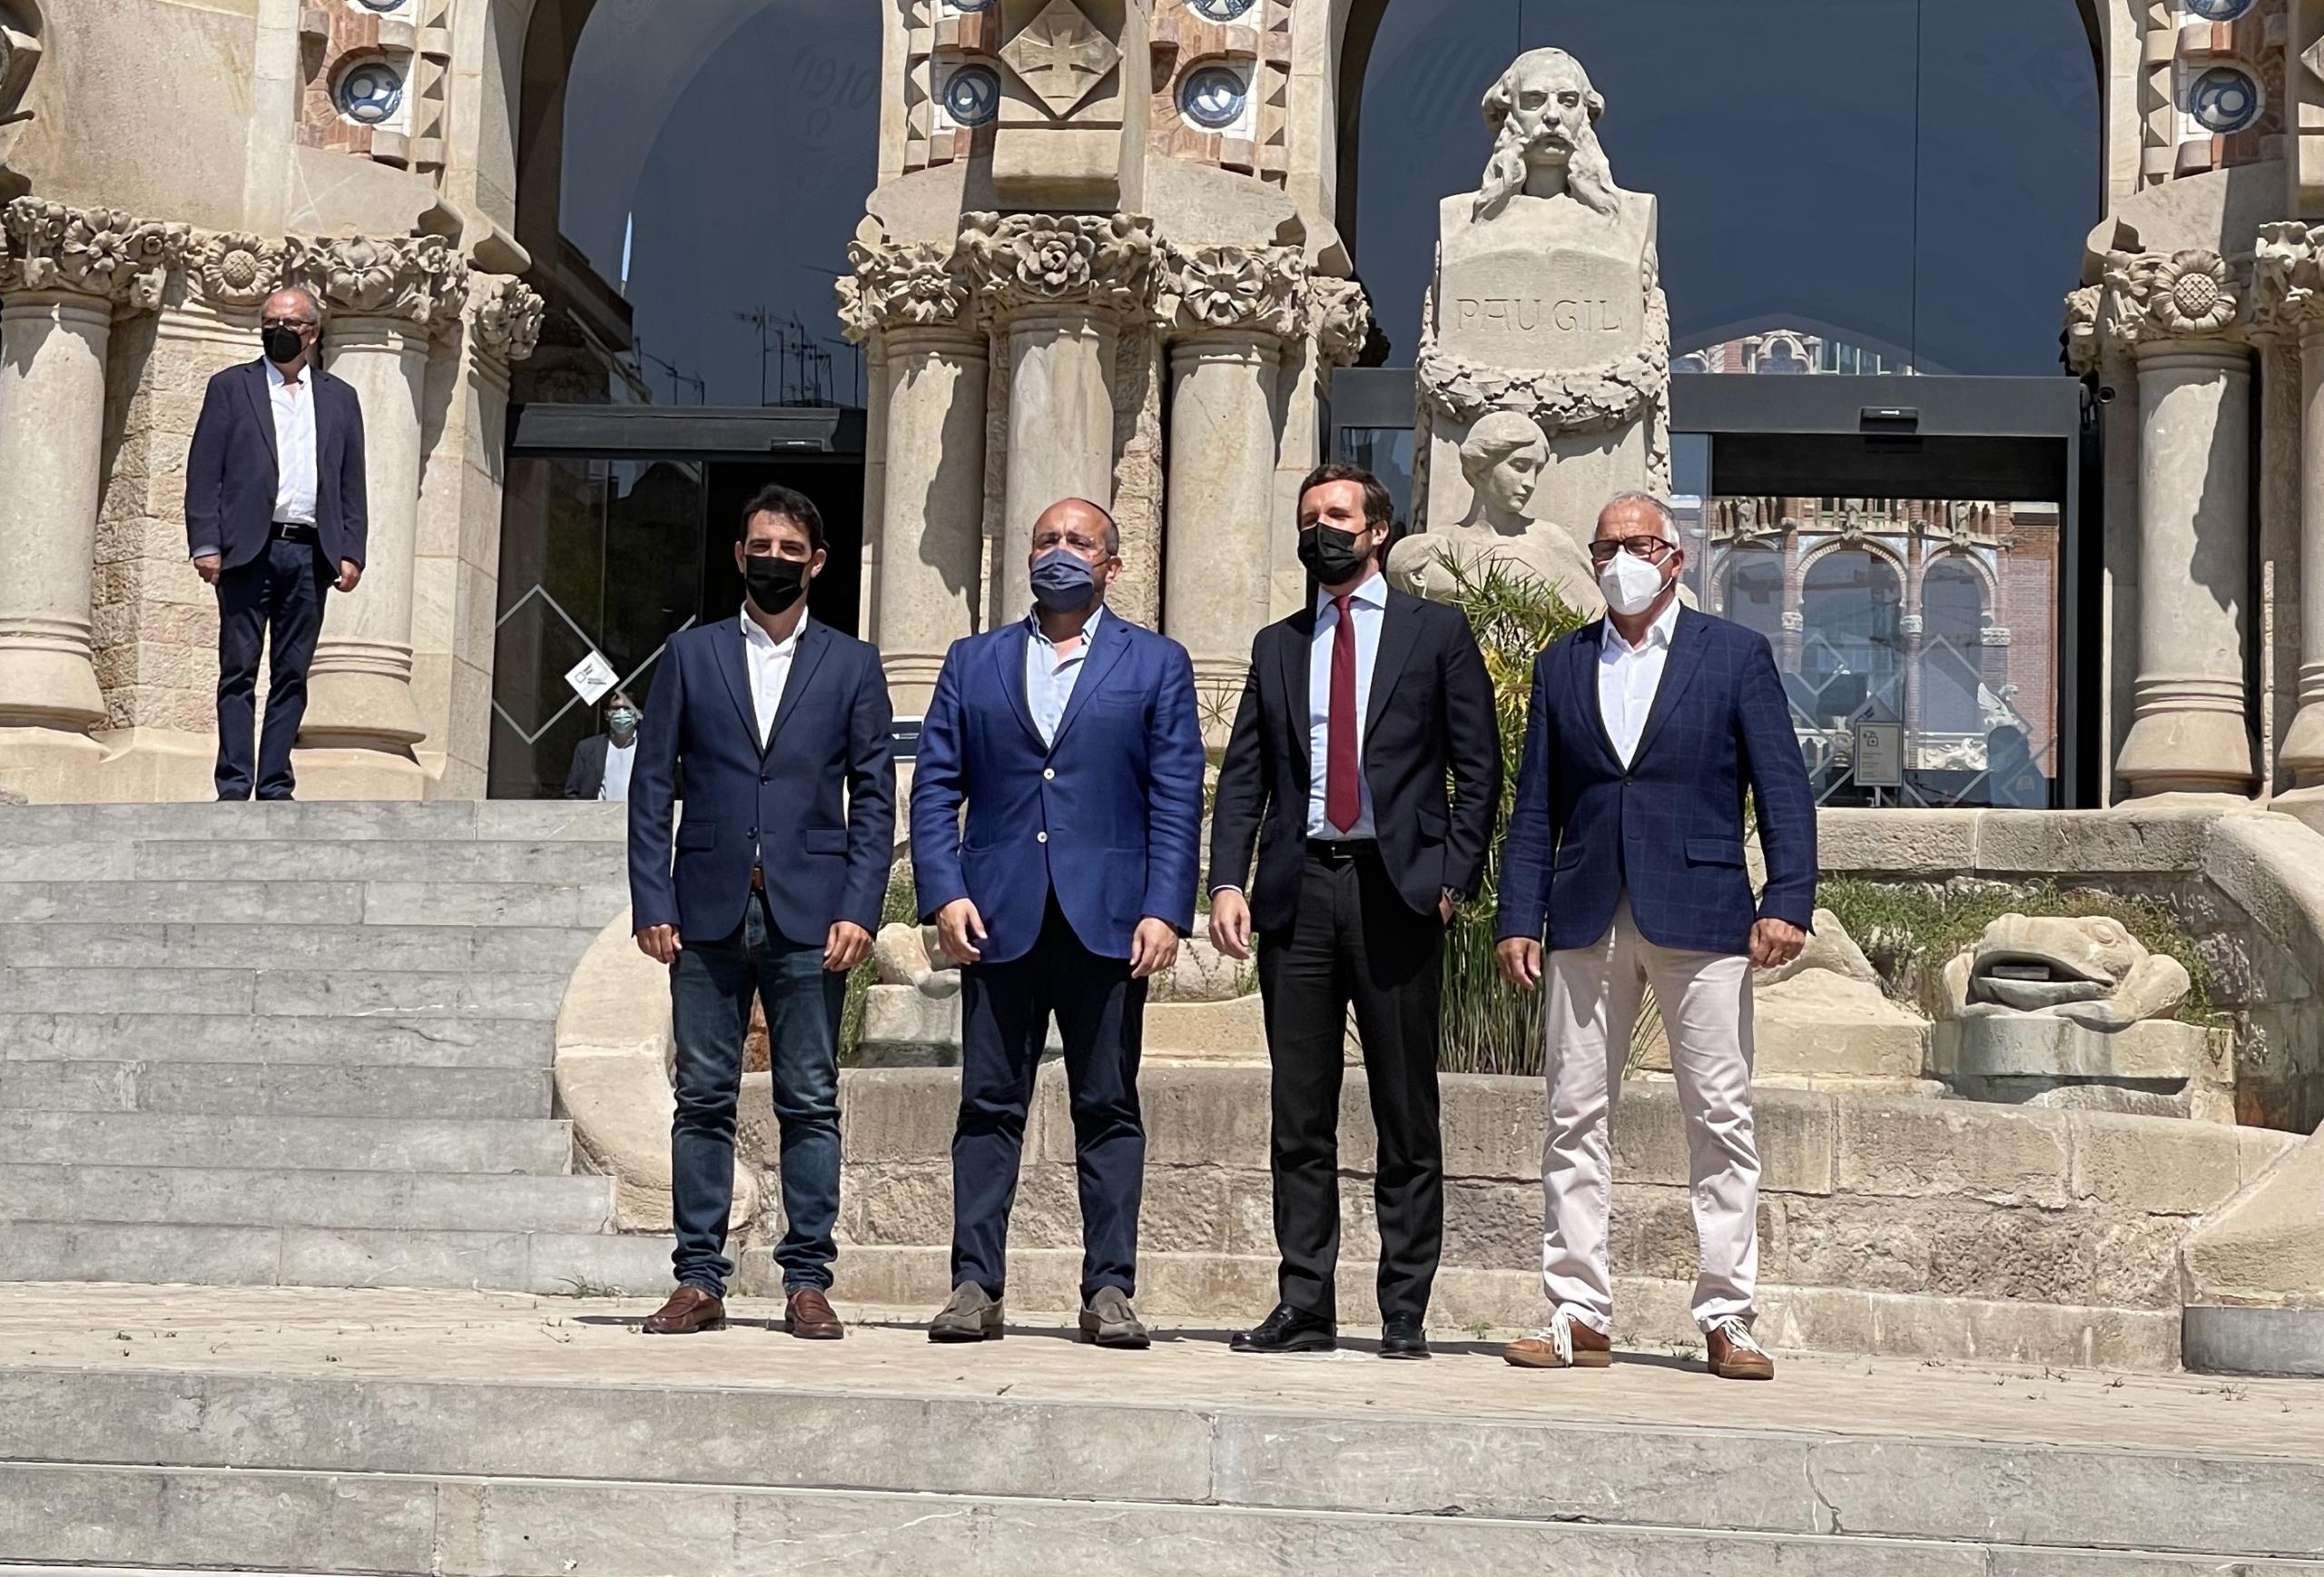 Manuel Reyes, alejandro Fernández, Pablo Casado i Josep Bou, al recinte de Sant pau/QS